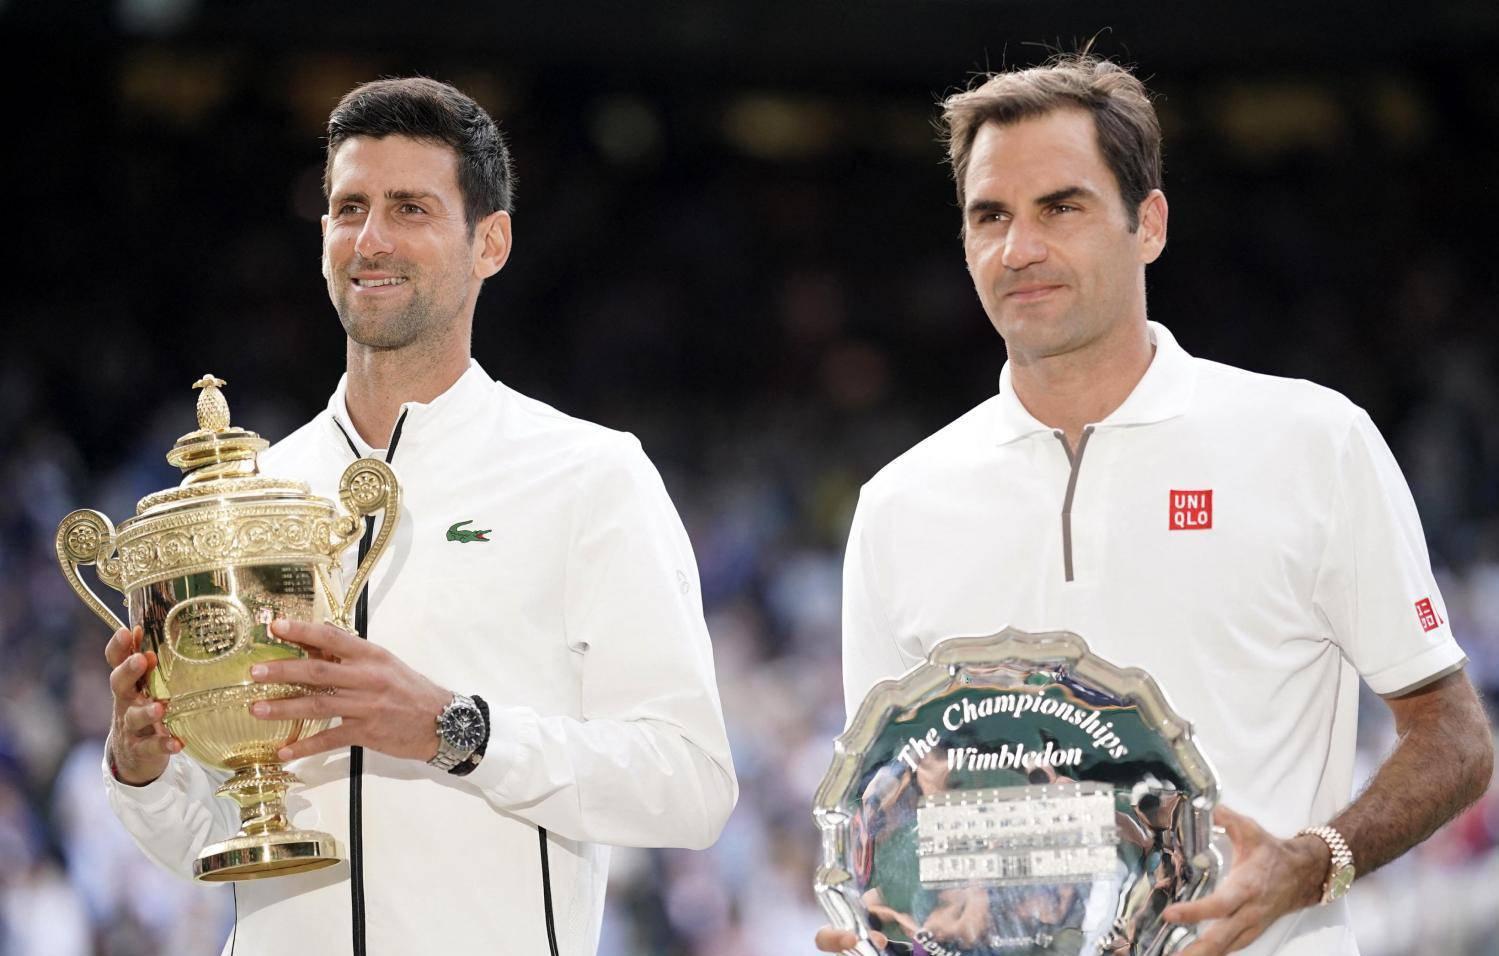 GBR, ATP Tour, Wimbledon